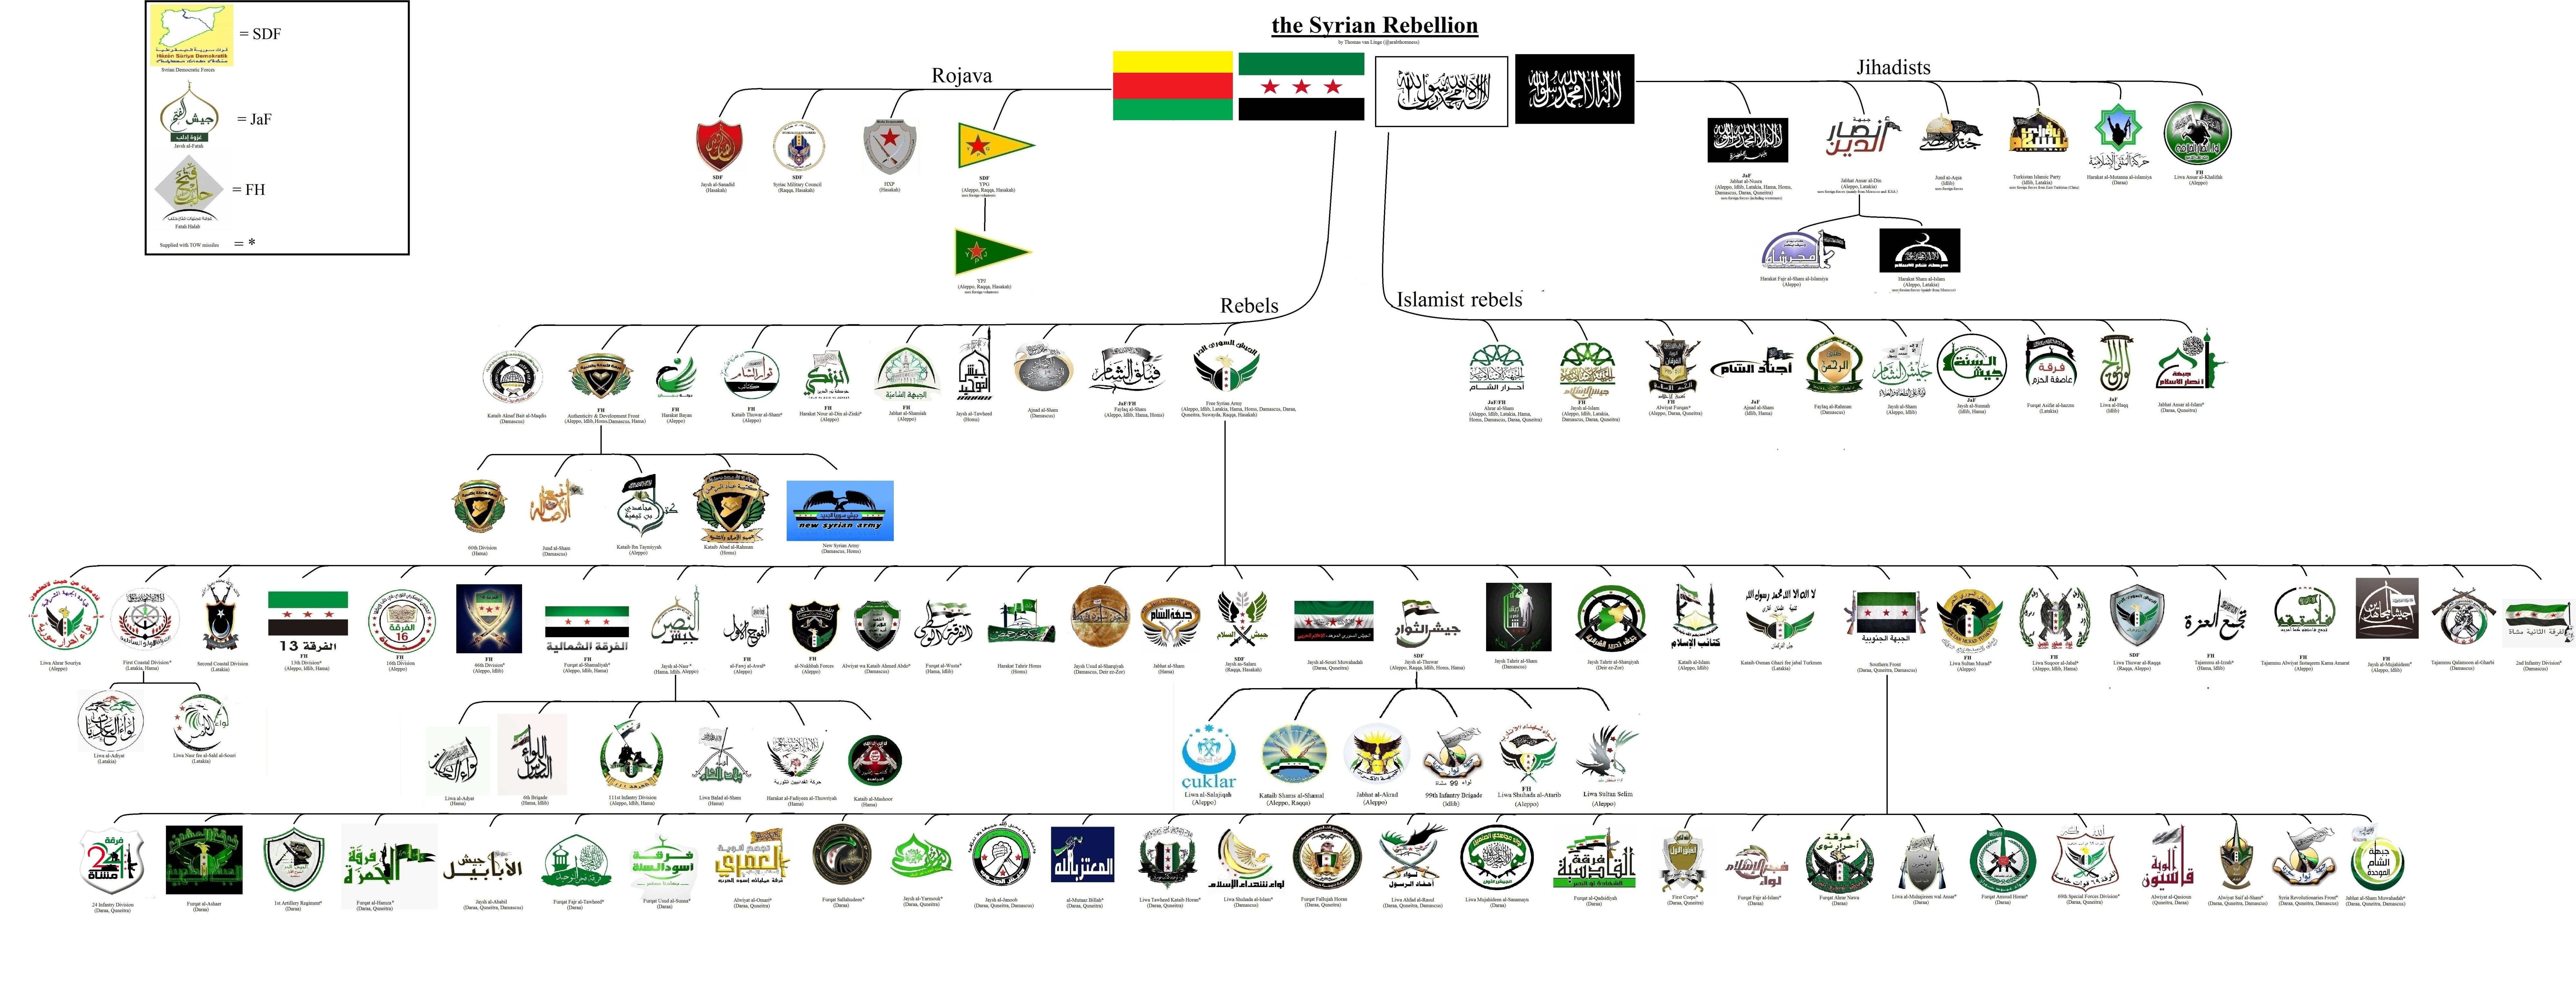 Сирийская оппозиция, ССА, FSA, курды, исламисты, нусра, туркмены